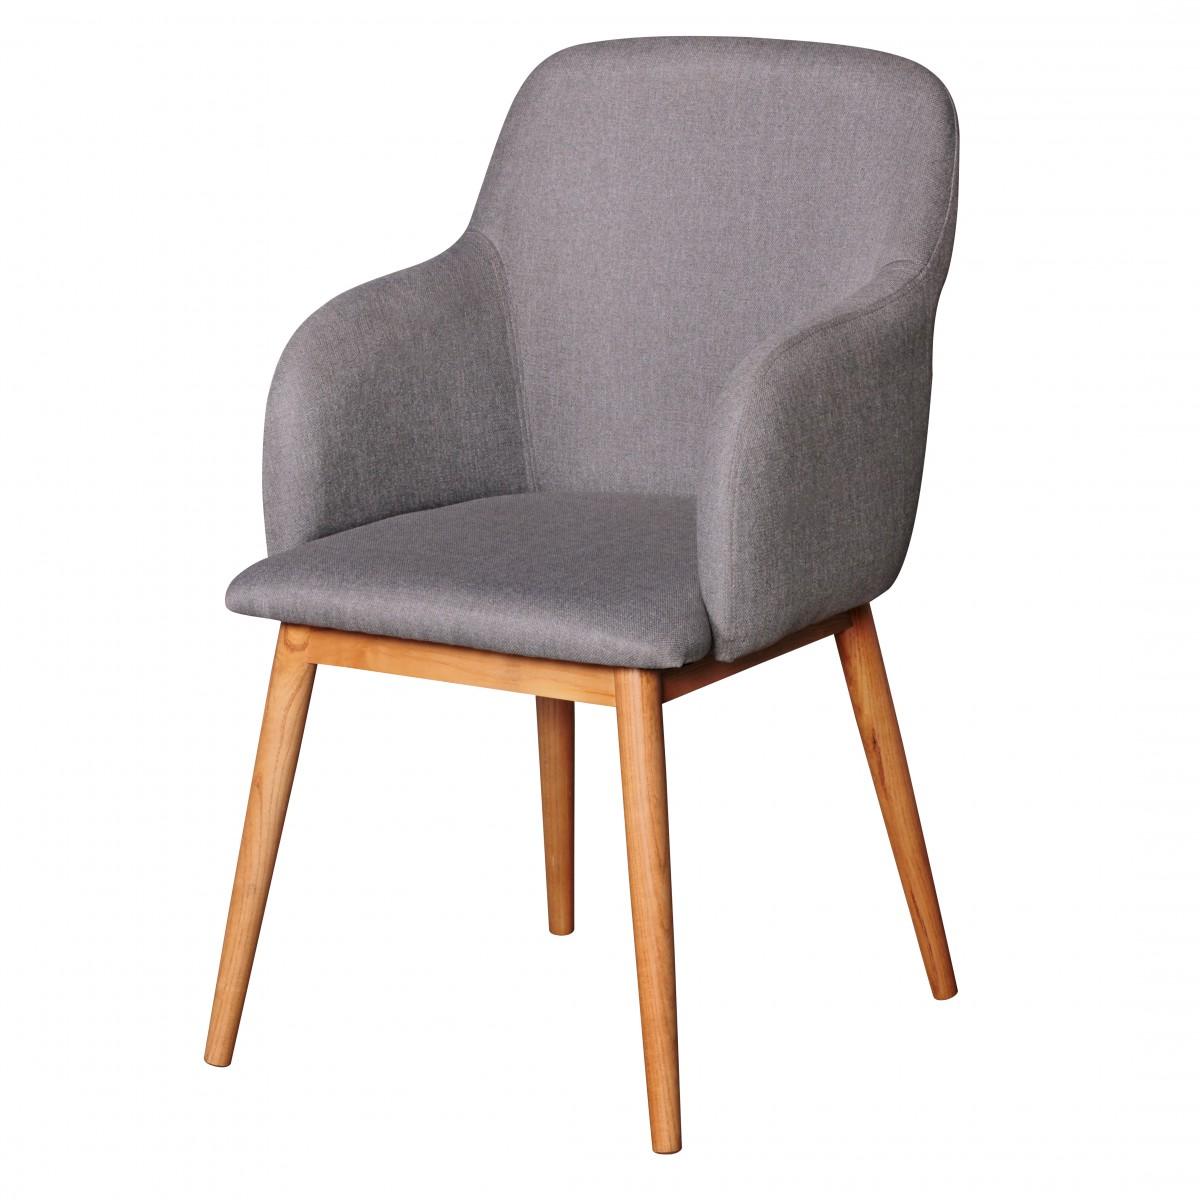 Finebuy retro esszimmerstuhl polsterstuhl stoff bezug r ckenlehne design k chen stuhl mit - Retro esszimmerstuhl ...